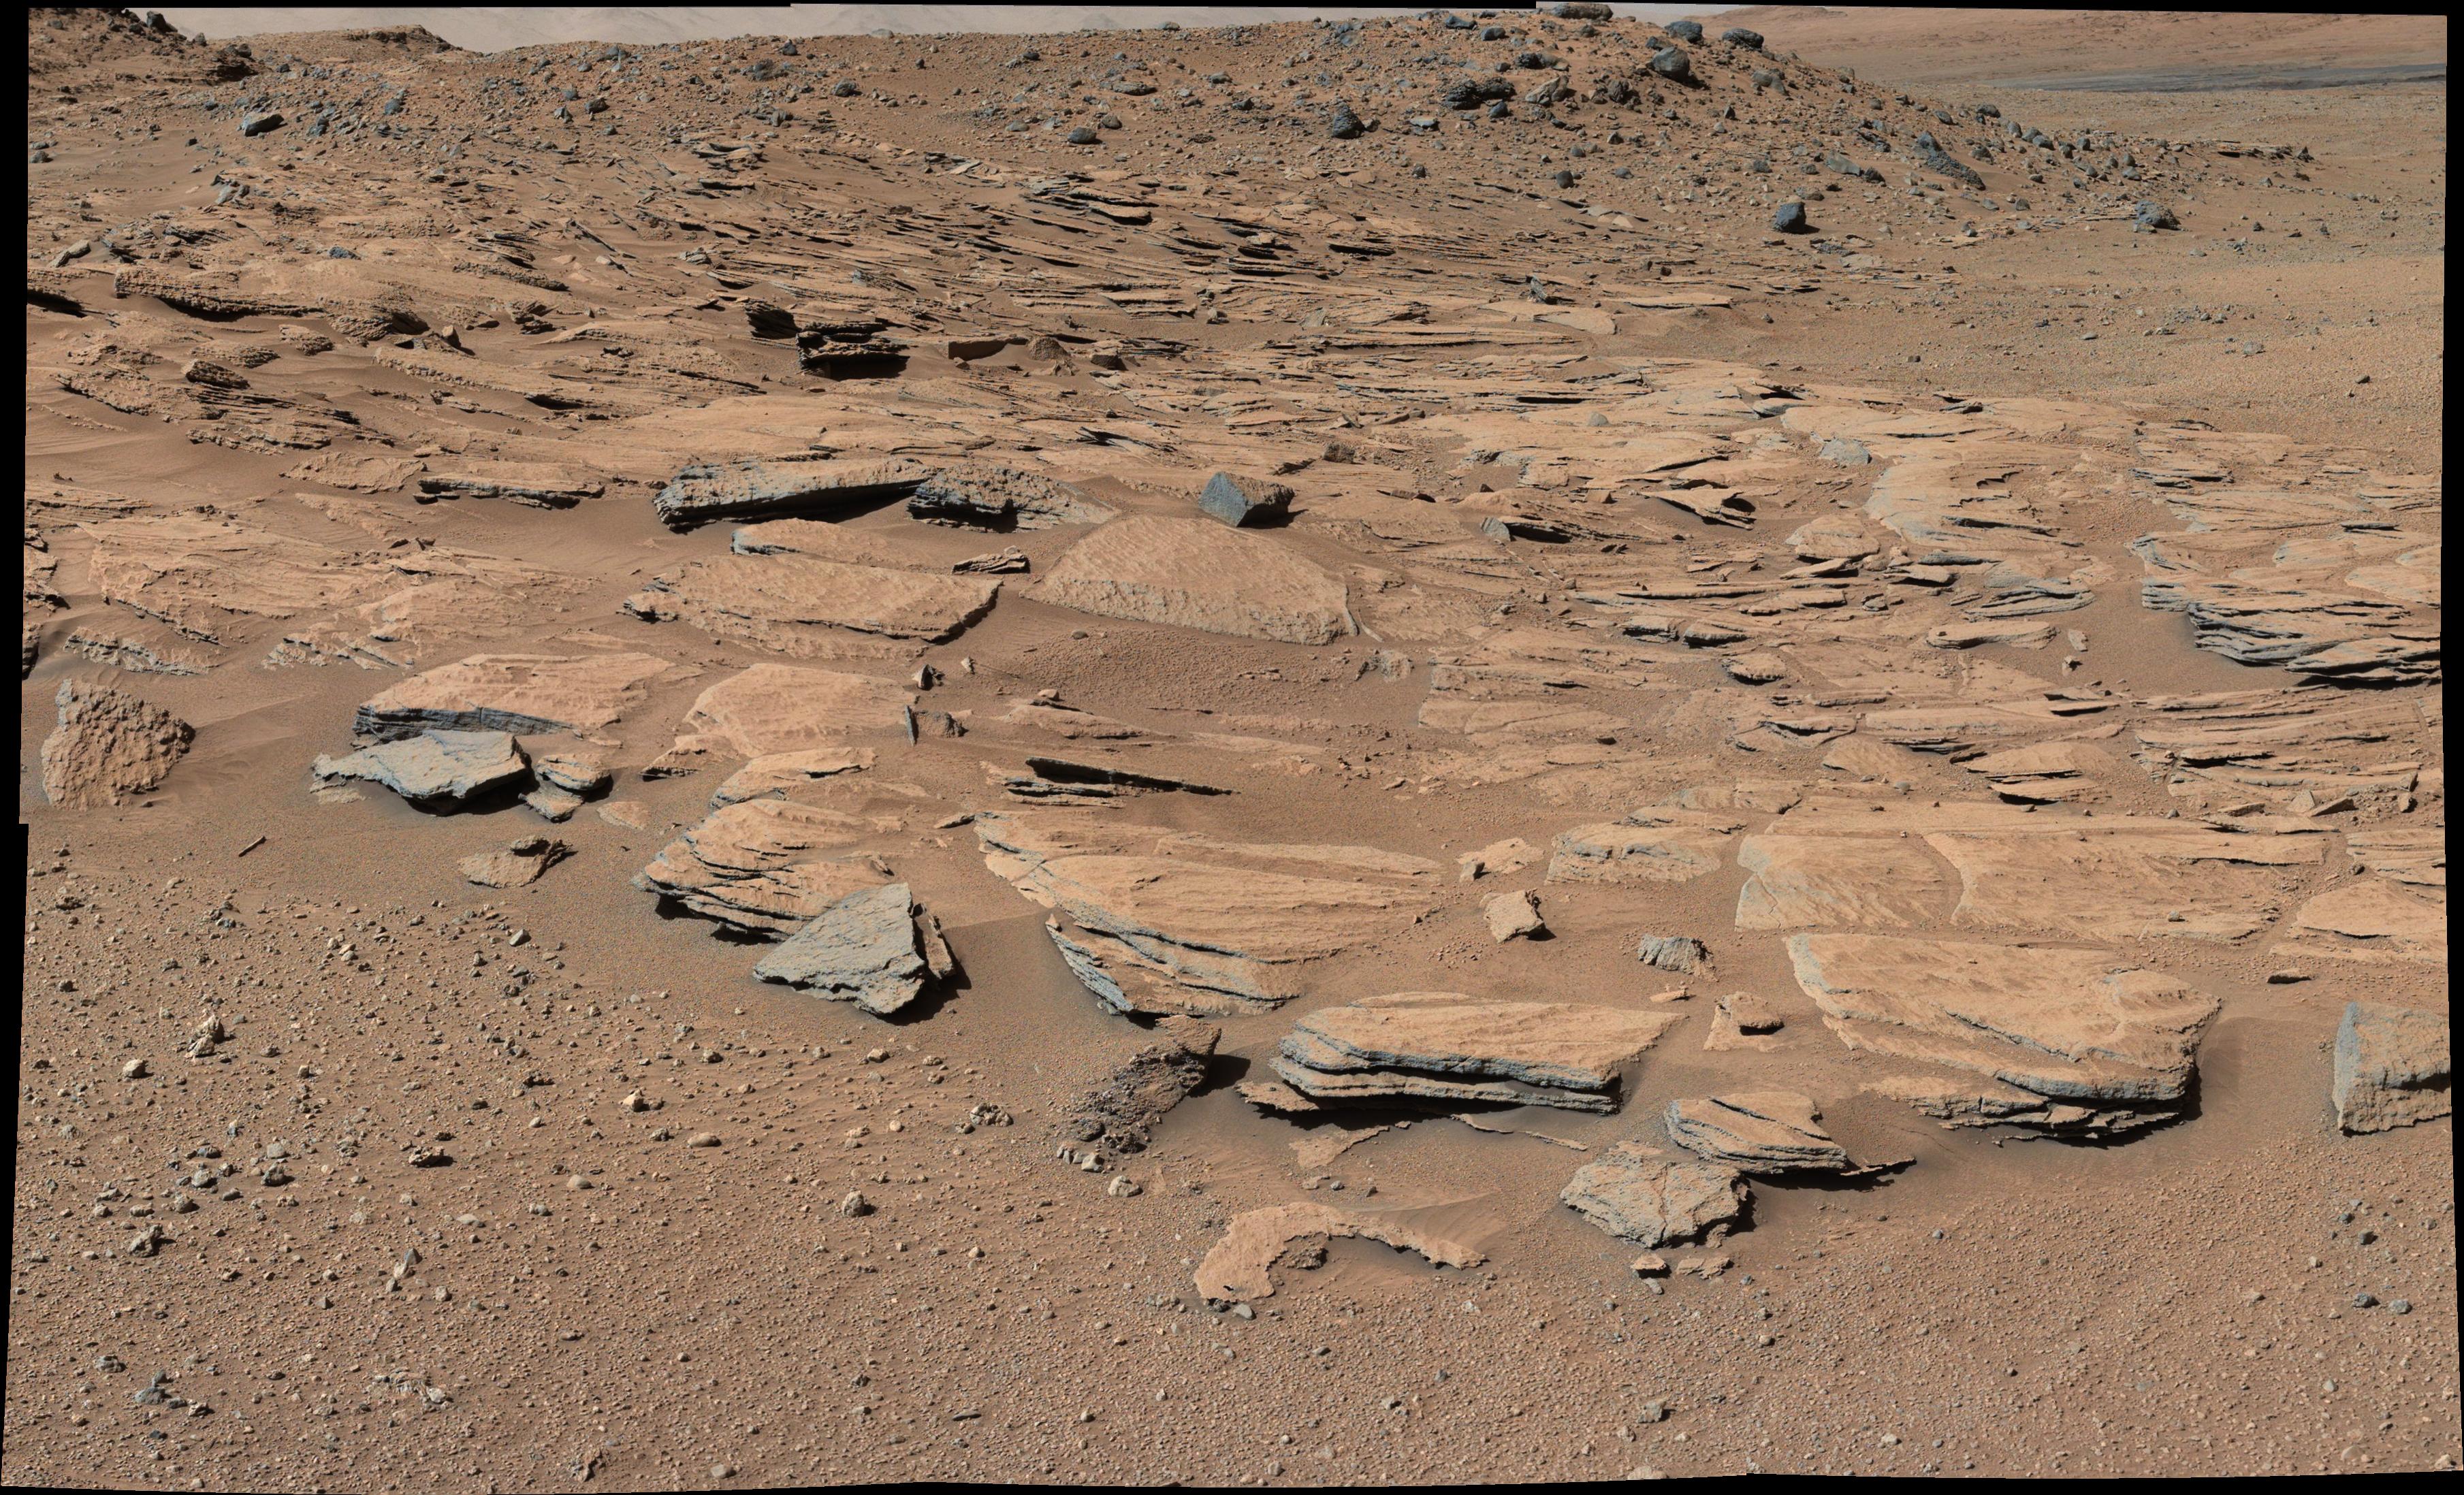 venus planet river beds - photo #21